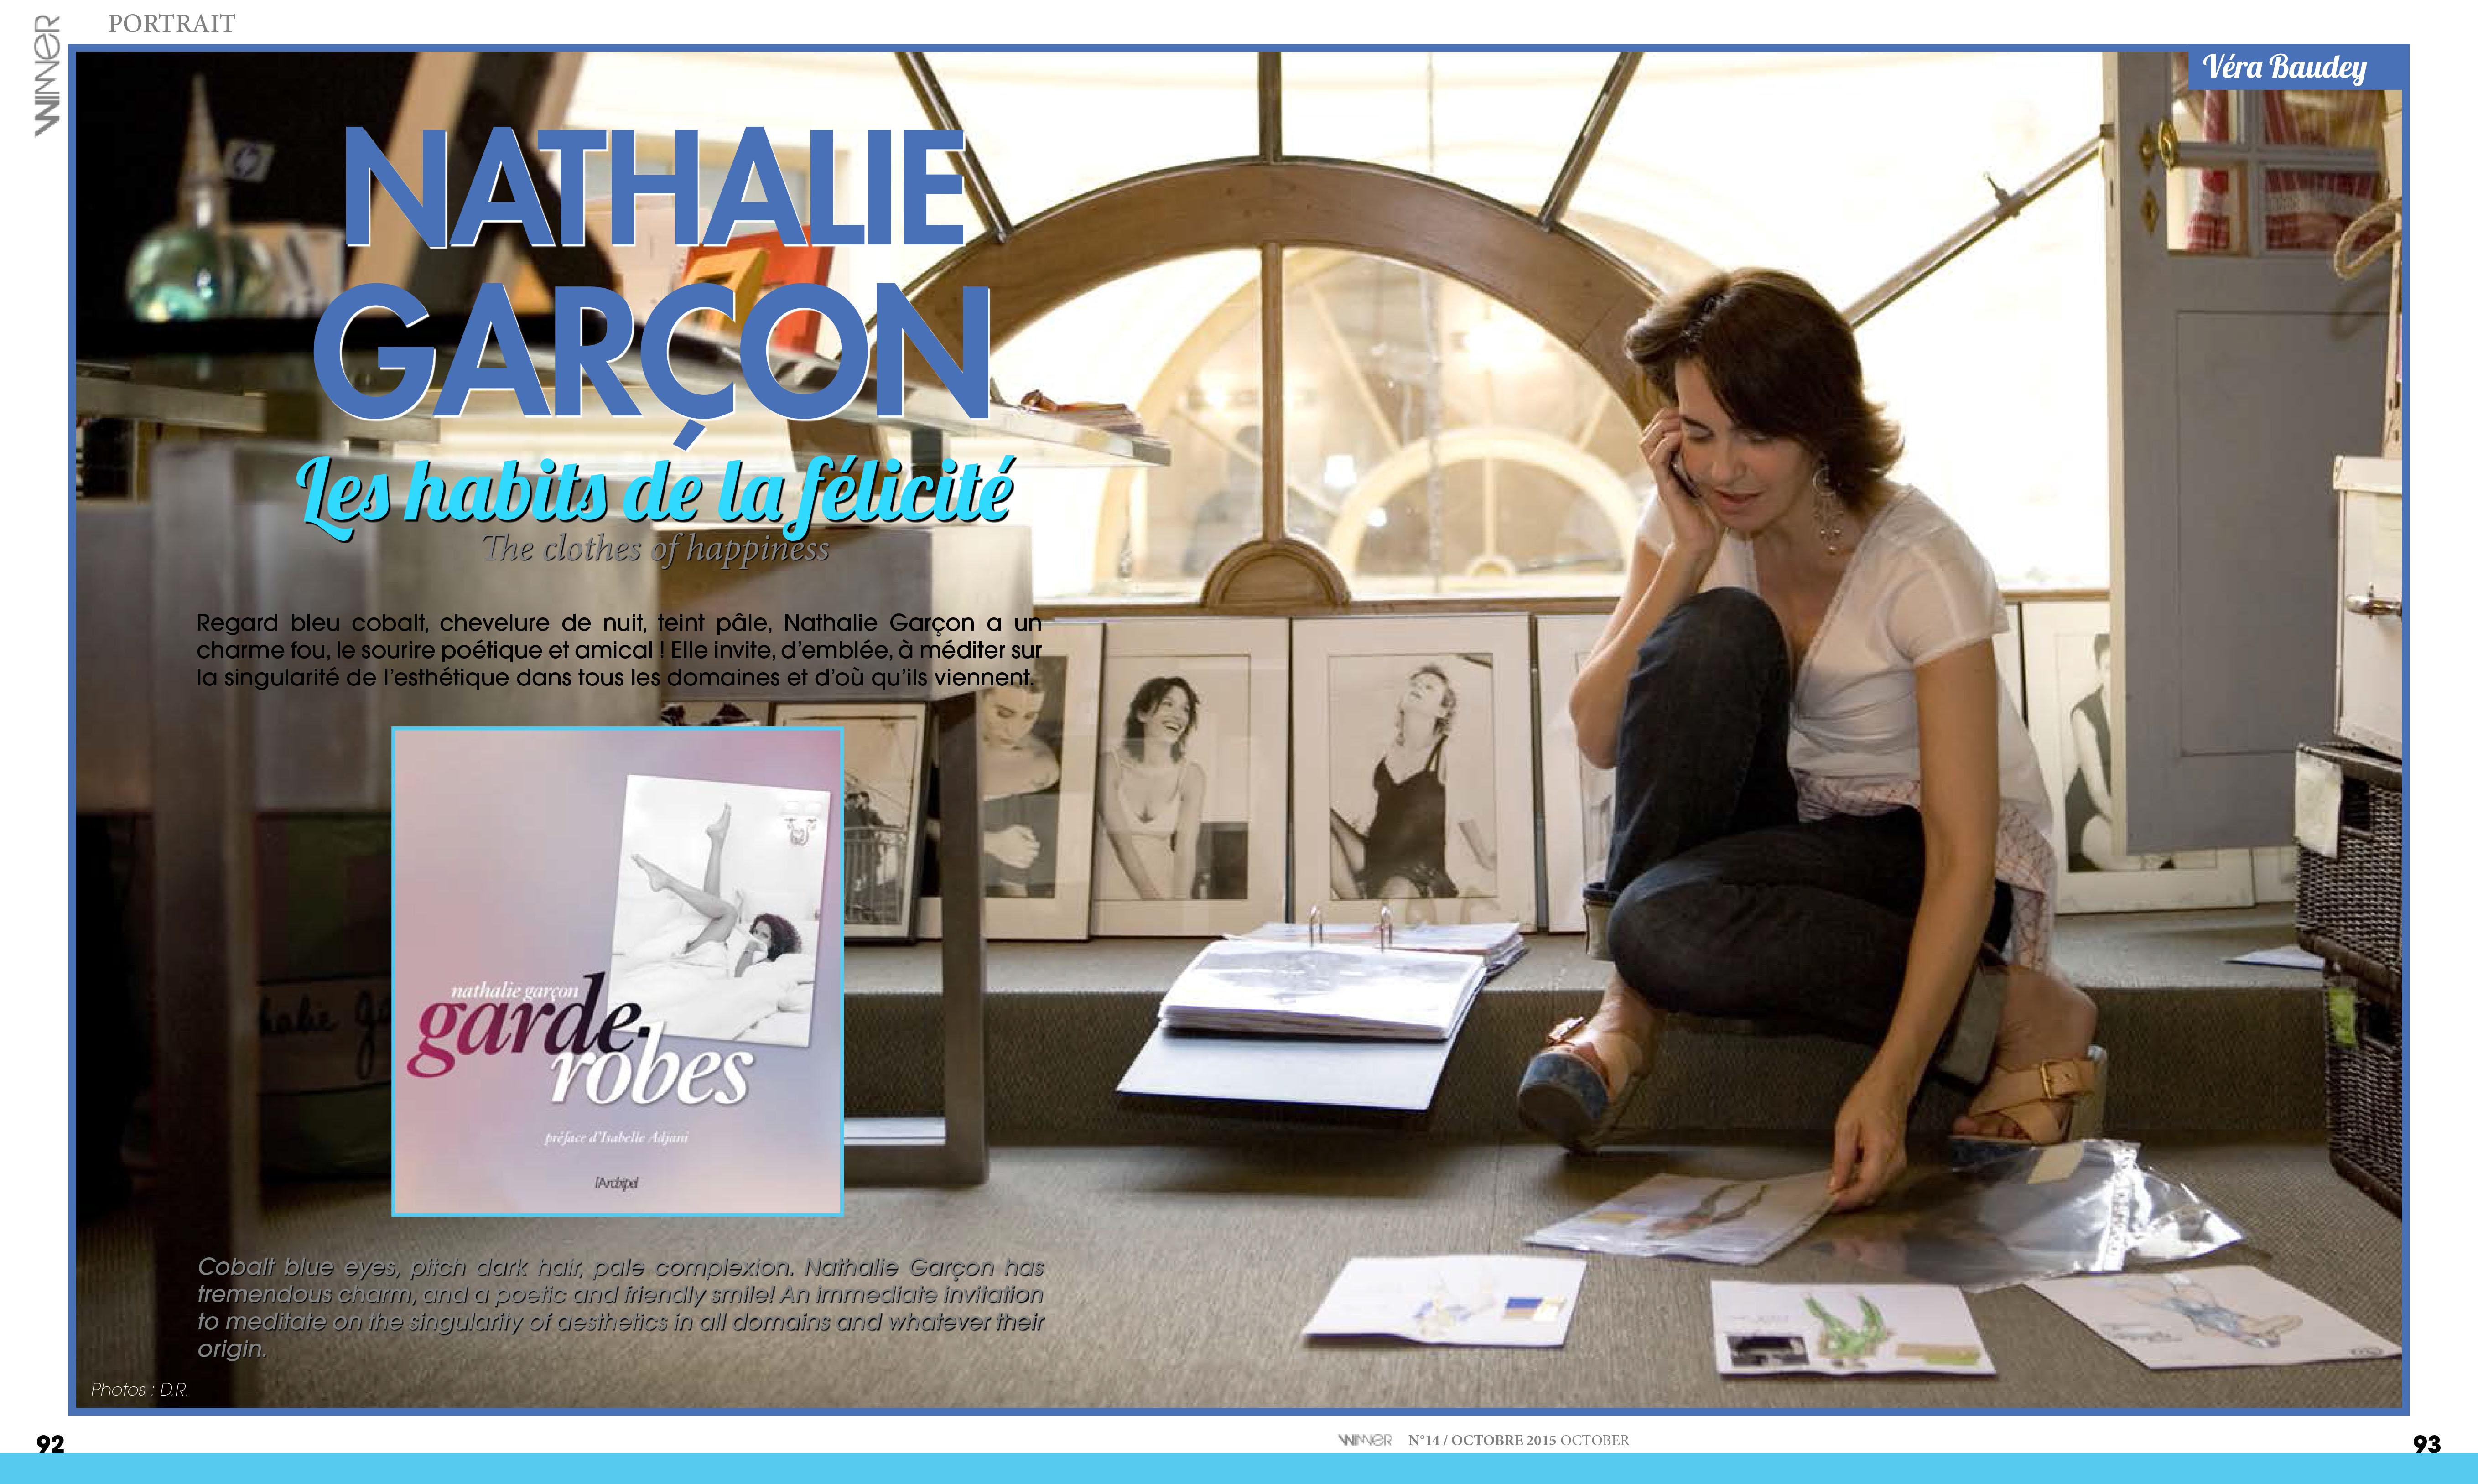 test-Nathalie-Garcon-3-1